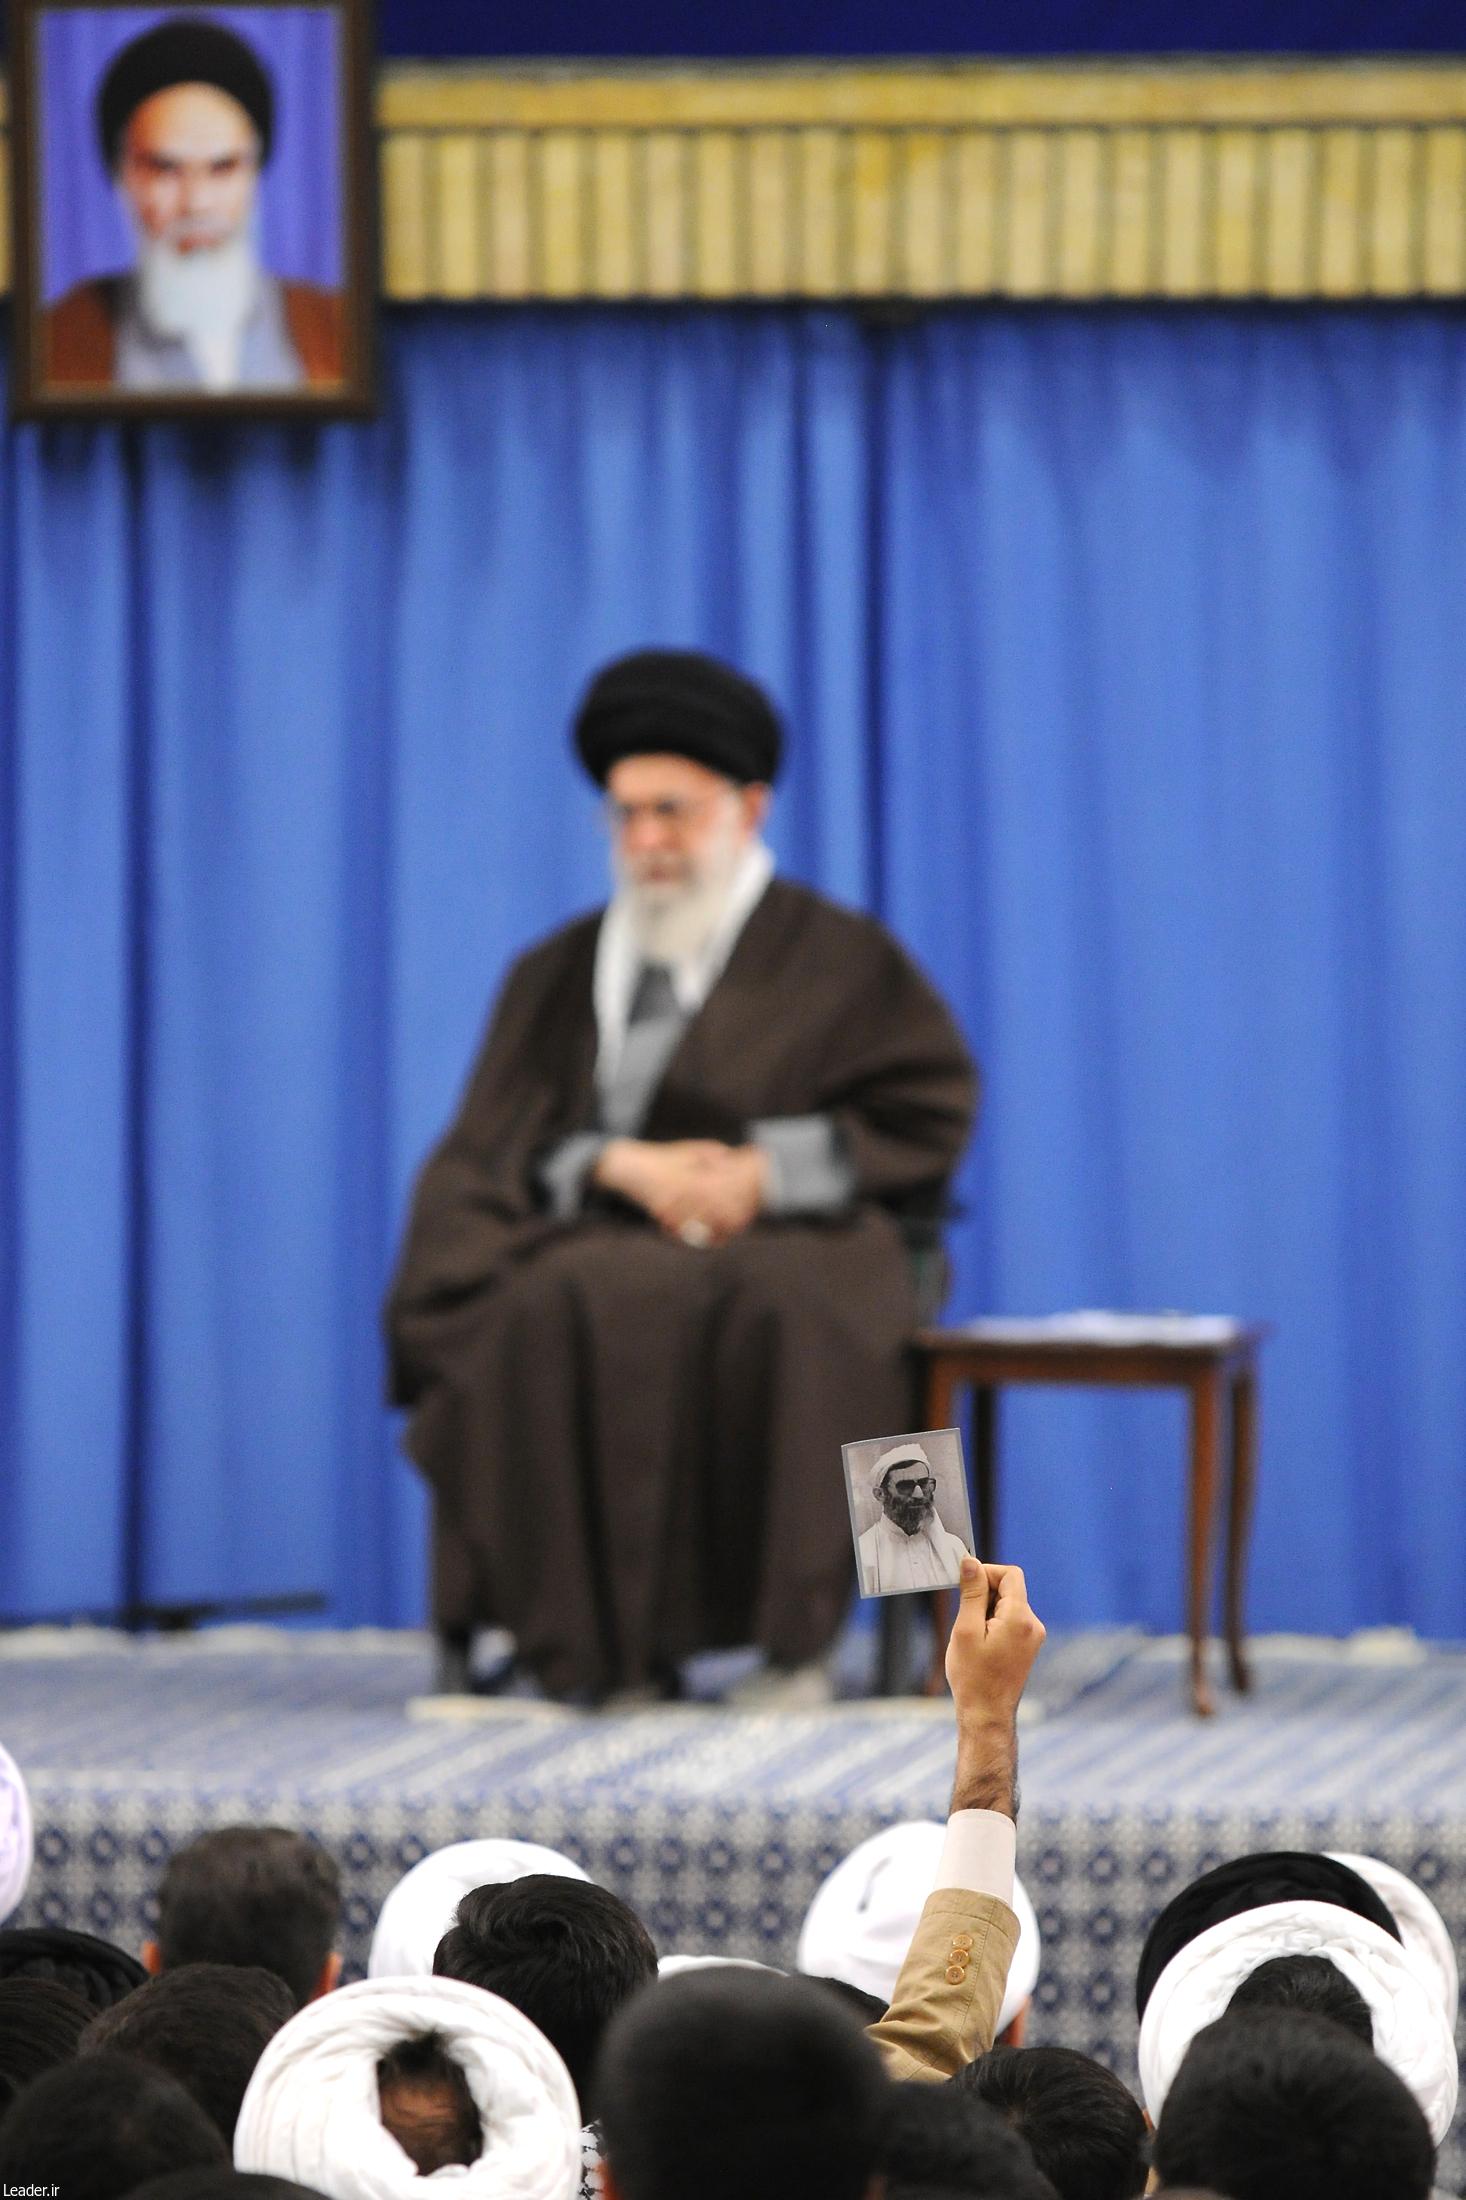 دیدار رهبر انقلاب با طلاب و اساتید حوزه علمیه تهران